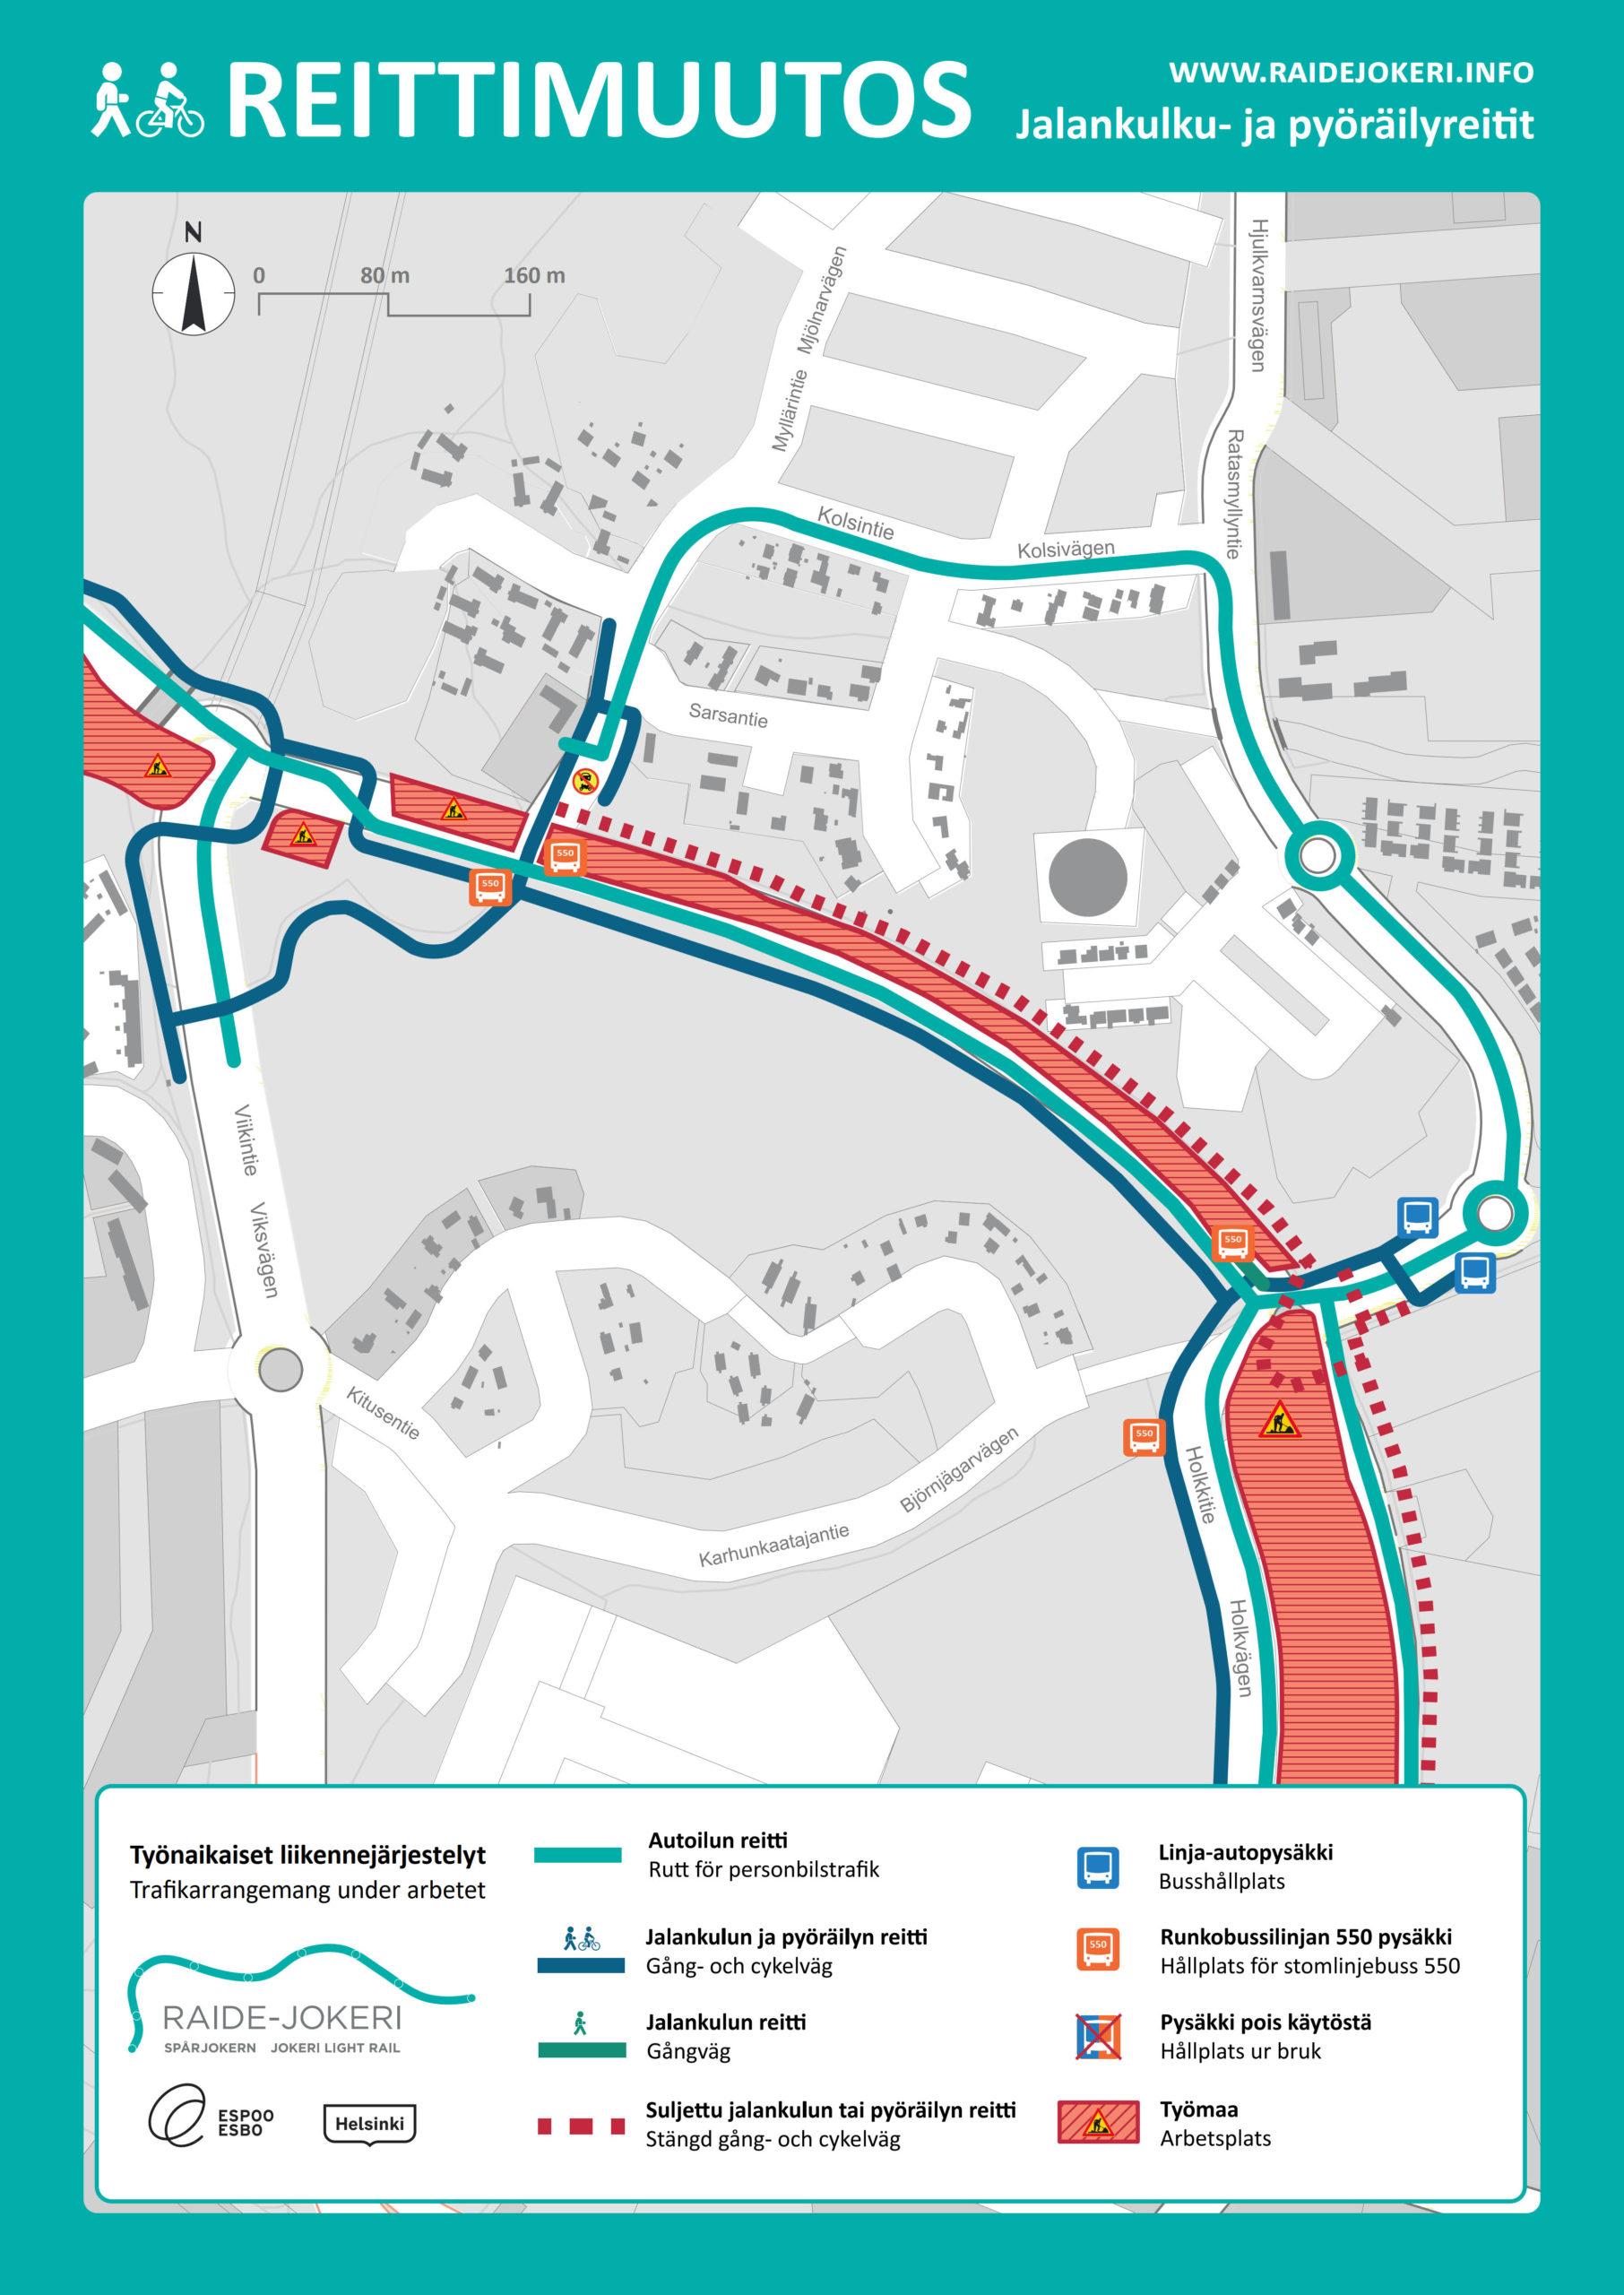 Karttakuva Myllärintien ja Viilarintien risteysalueen järjestelyistä. Jalankulun ja pyöräilyn reitit kulkevat Viilarintien eteläreunassa.